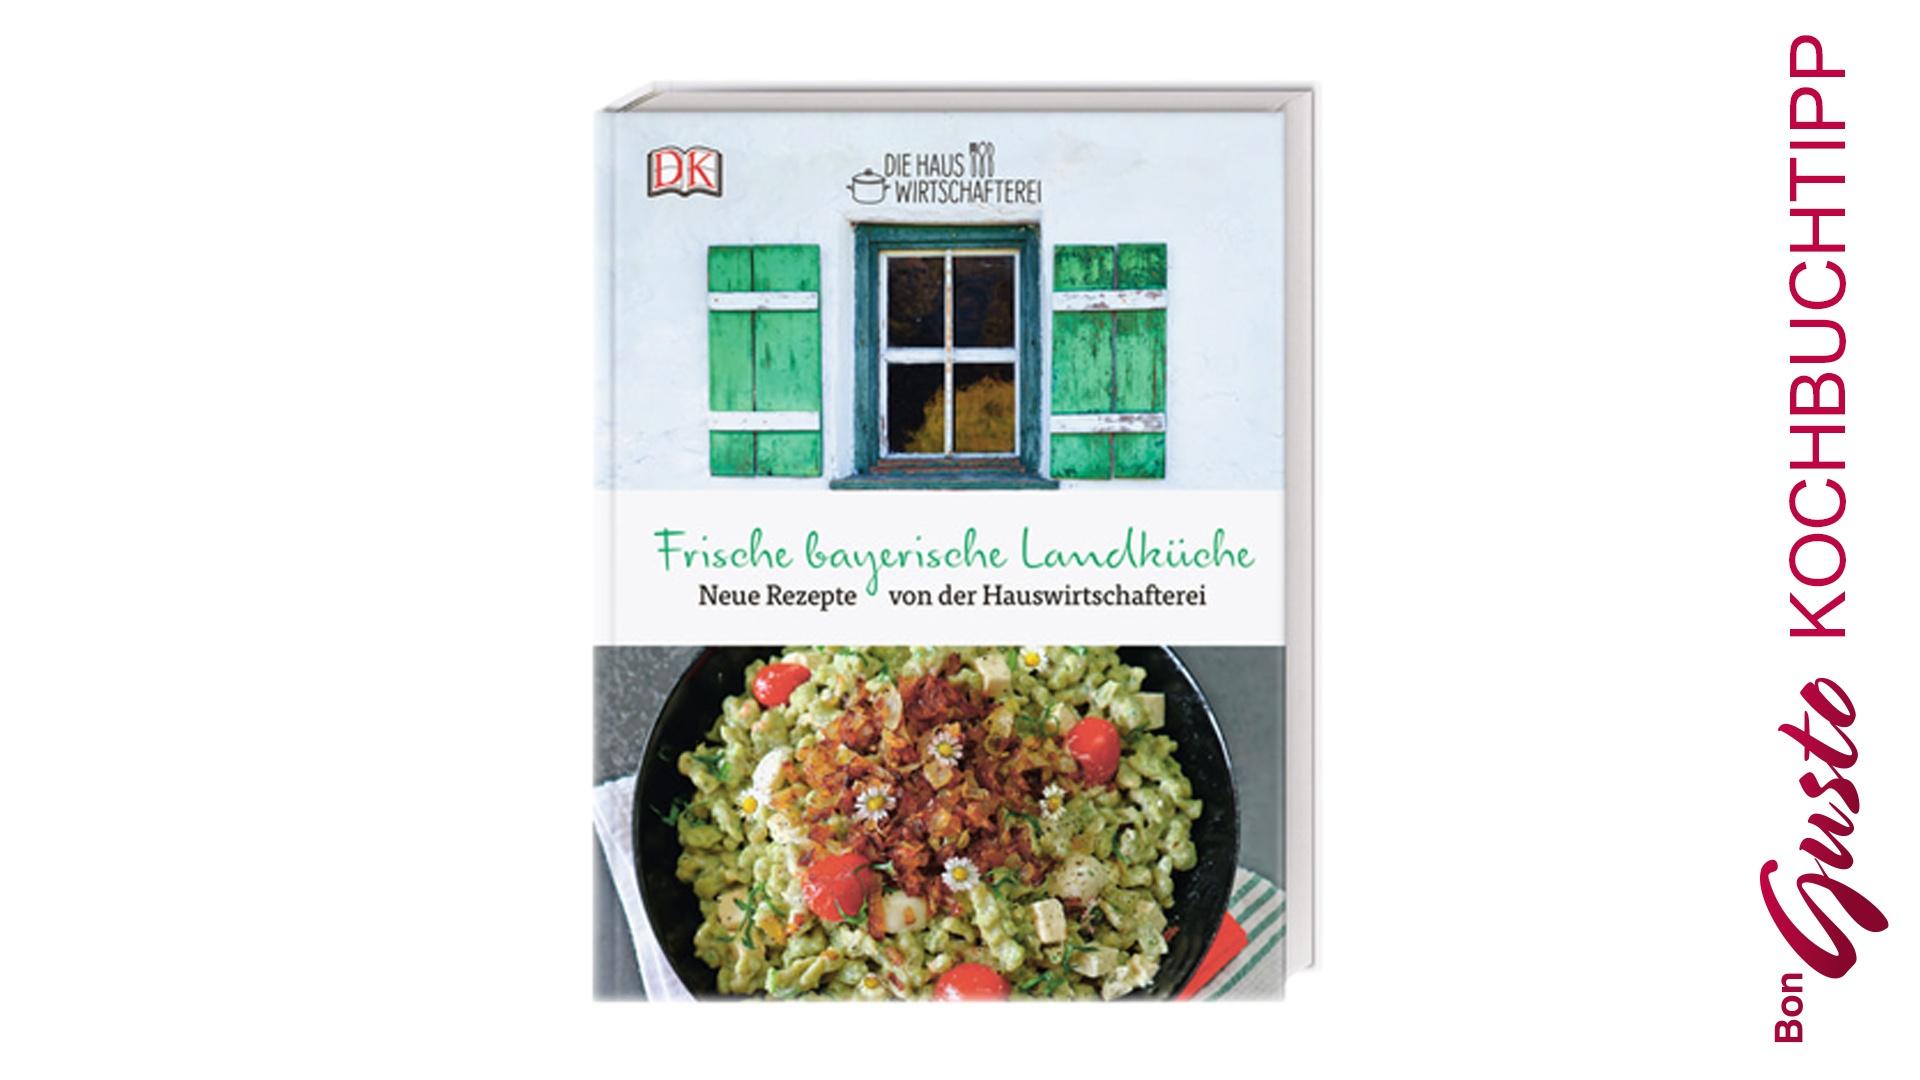 BonGusto Kochbuchtipp: Die frische bayerische Landküche